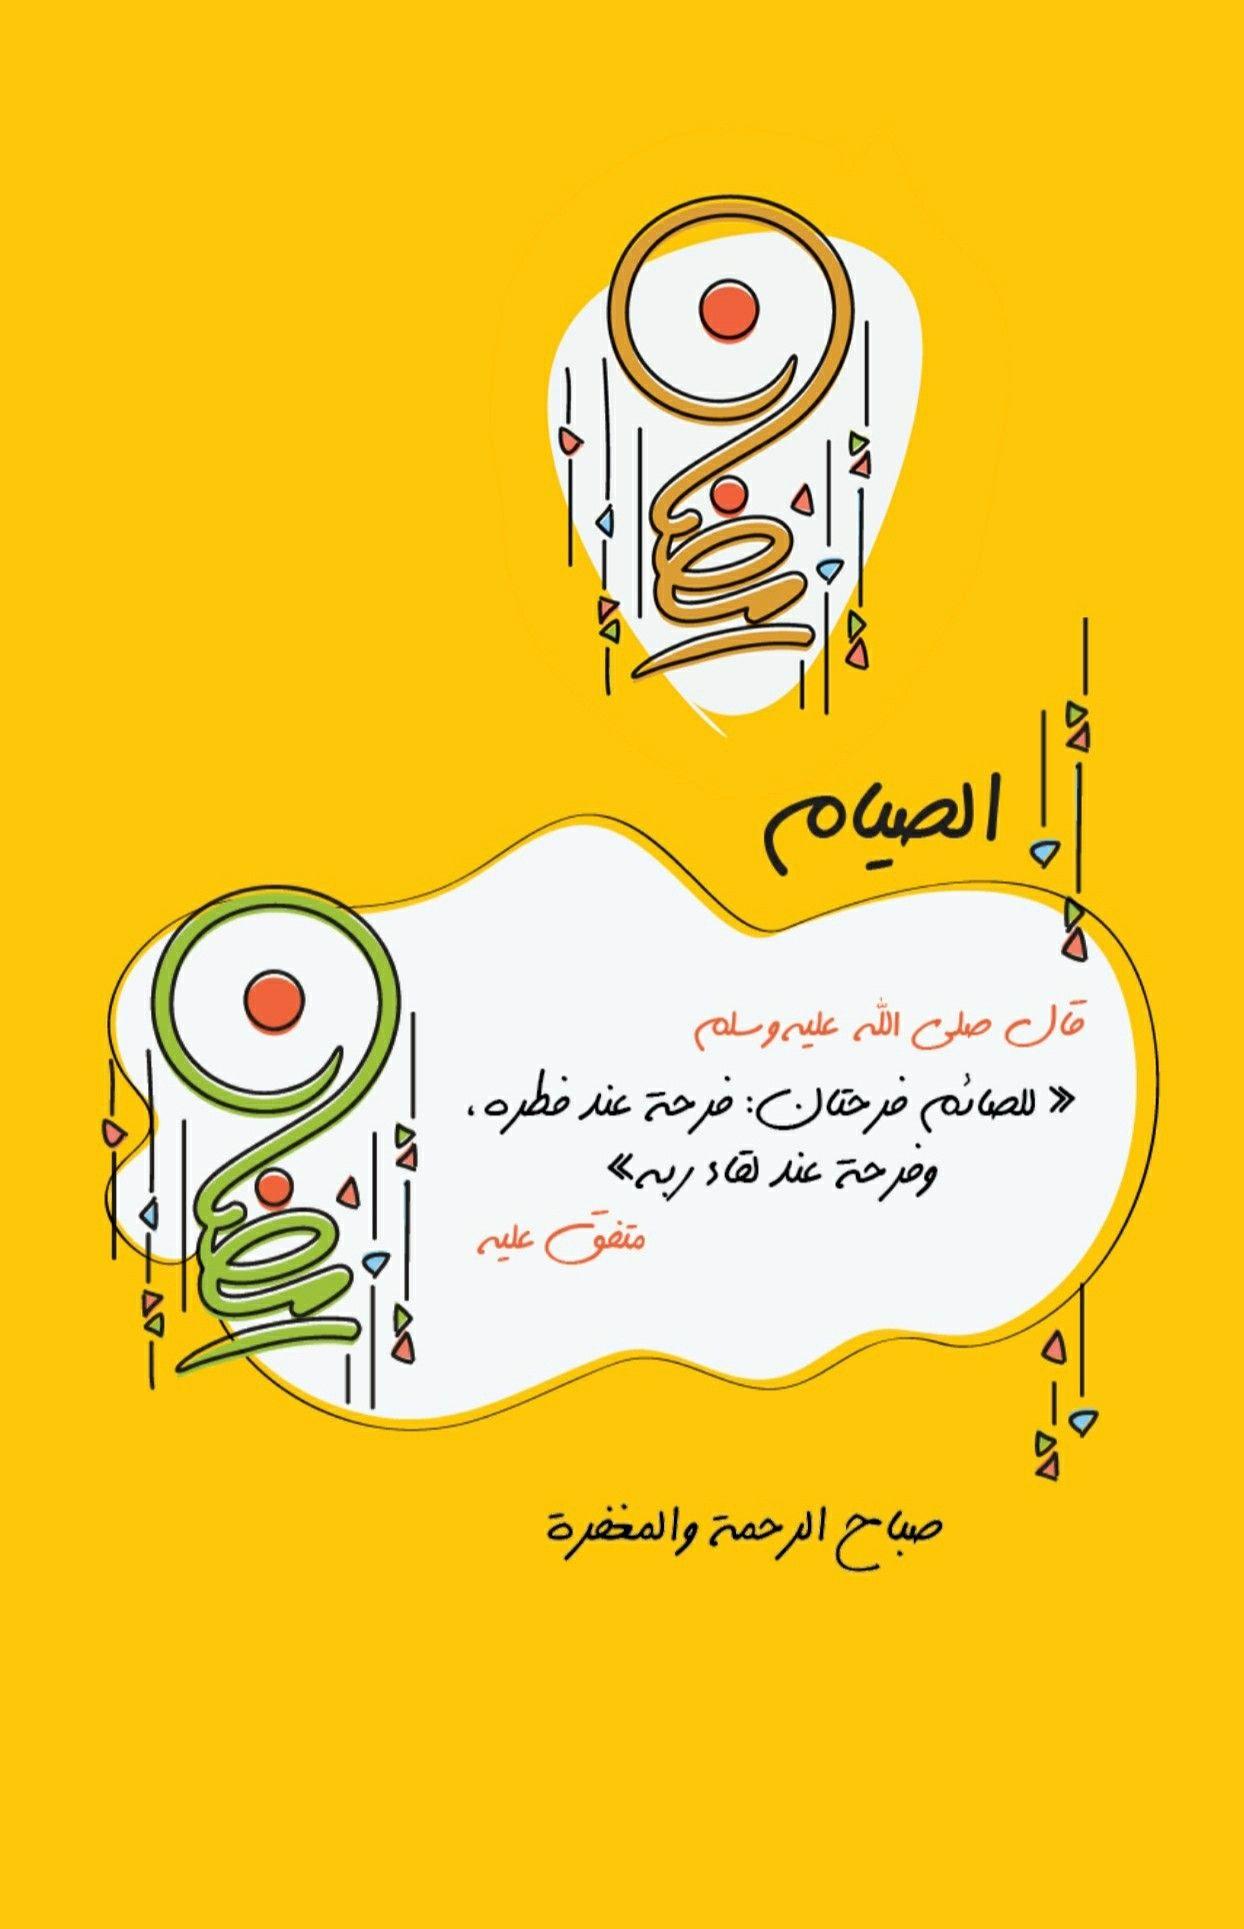 رمضــــان كريـــــم الصيام قال صلى الله عليه وسلم للص ائم فرحتان فرحة عند ف ط ر ه وفرحة عند لقاء رب ه متفق علي Ramadan Crafts Ramadan Kids Ramadan